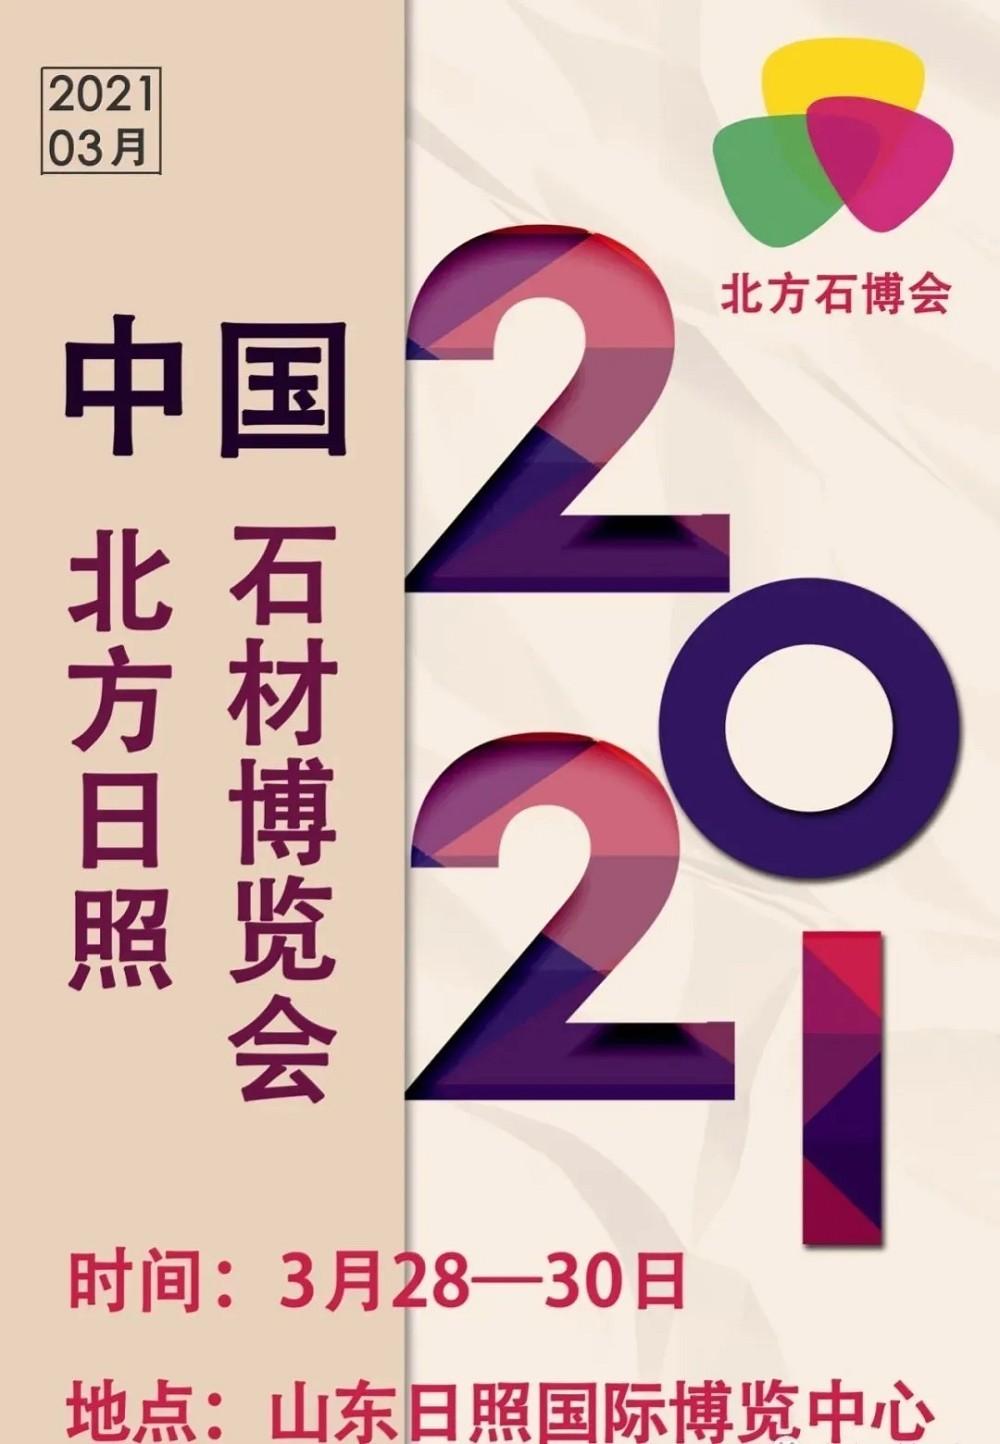 南有水头 ,北有街头,第一届中国北方(日照)石材博览会将于2021年3月28至30日召开